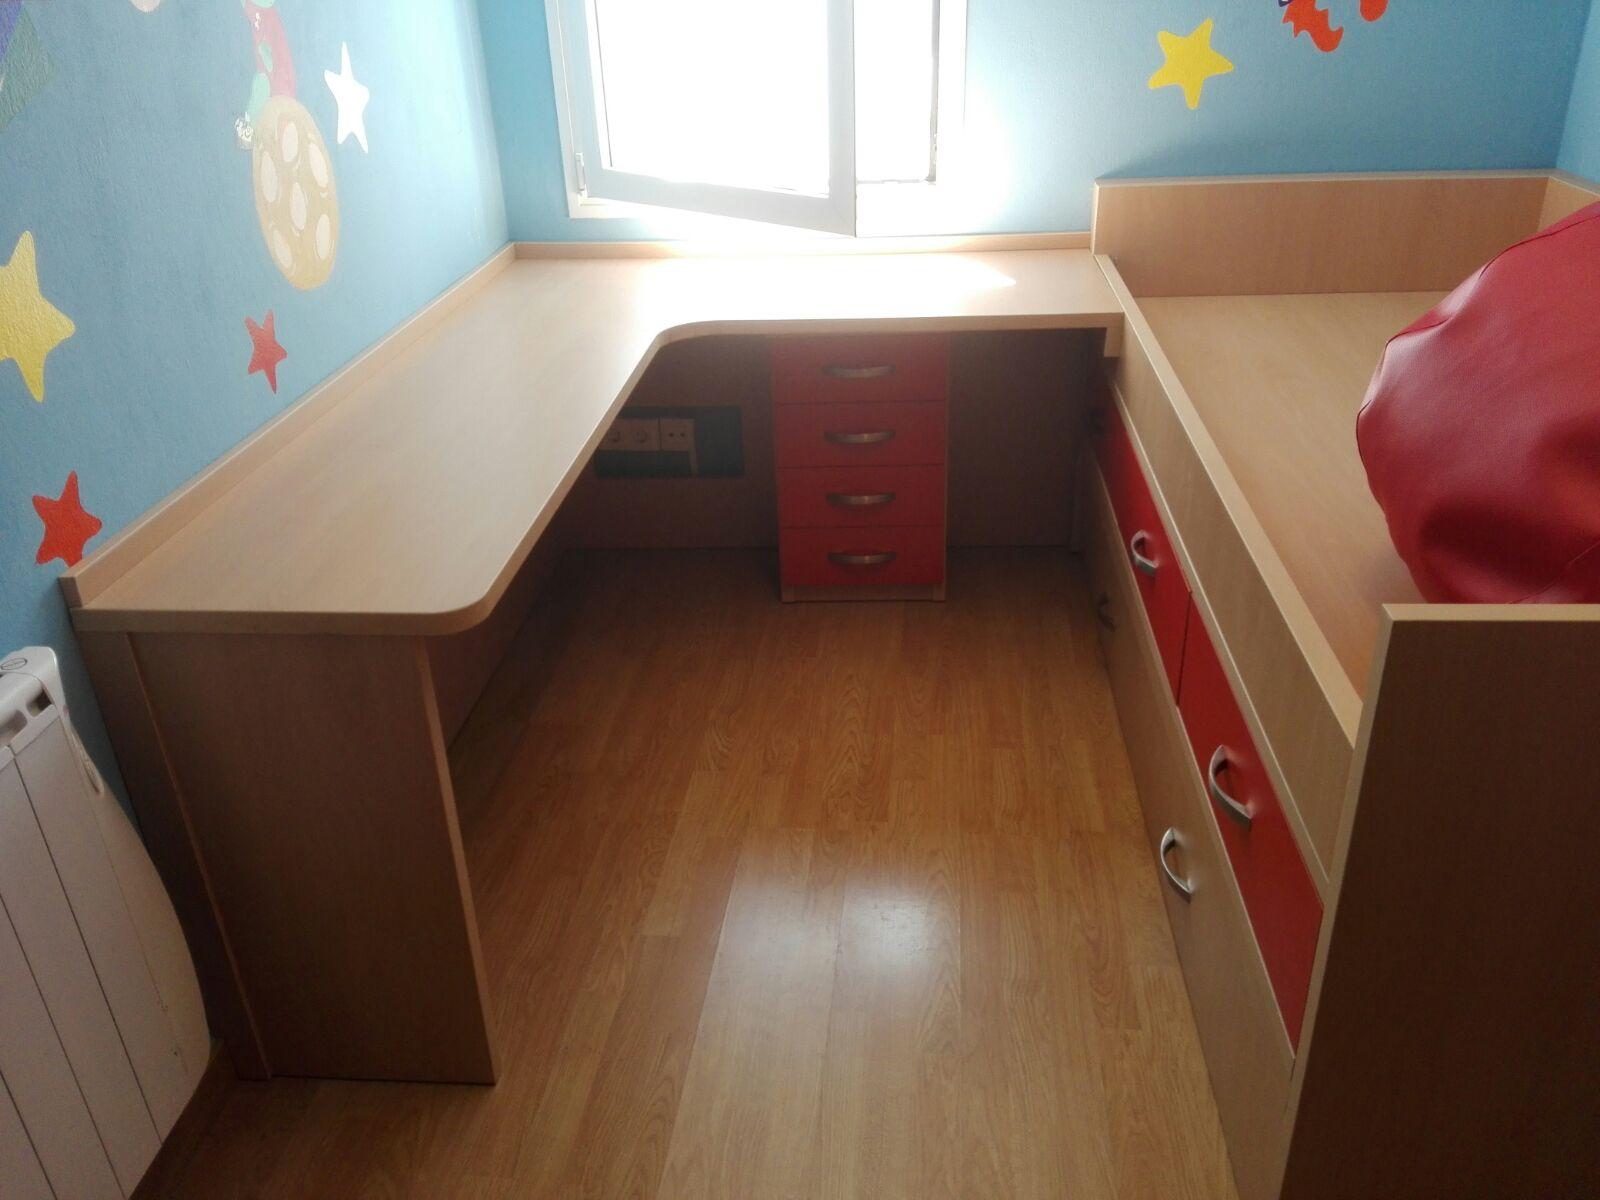 Nea Muebles A Medida Habitacion Juvenil Ah 4224  # Nea Muebles A Medida